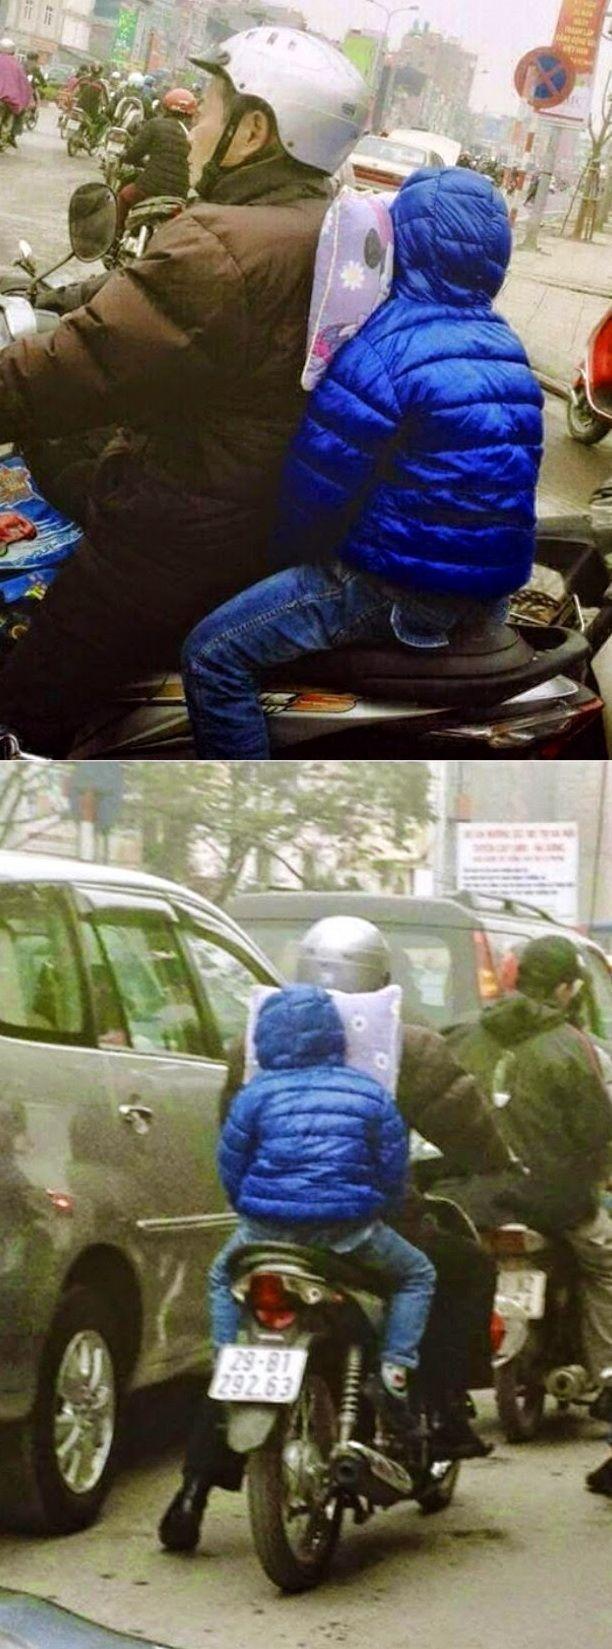 Подборка забавных картинок 09.02.2015 (126 фото)